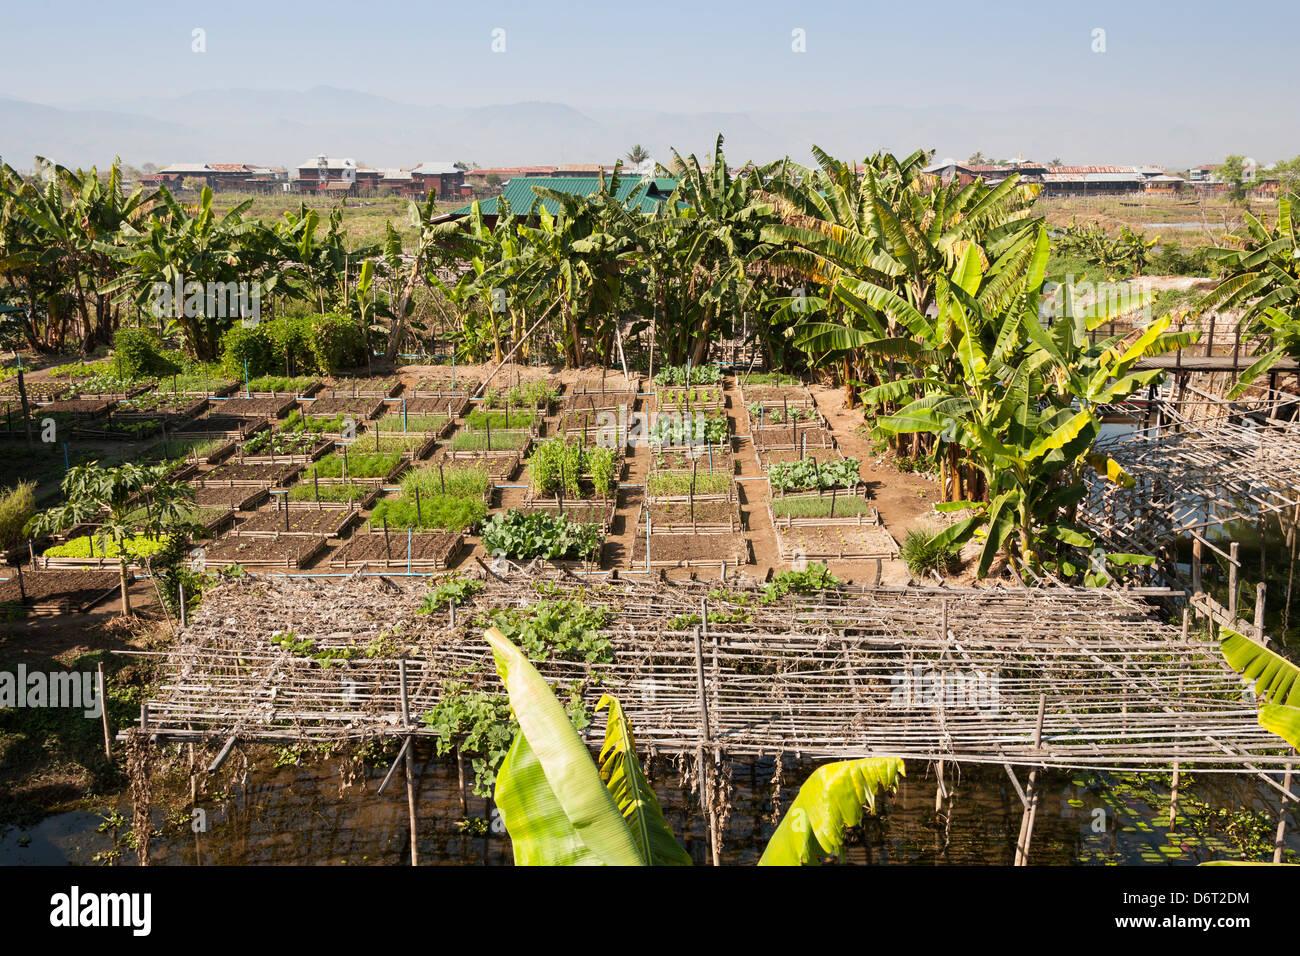 Organic vegetable gardens - Organic Vegetable Garden Inthar Heritage House Inpawkhon Village Inle Lake Shan State Myanmar Burma